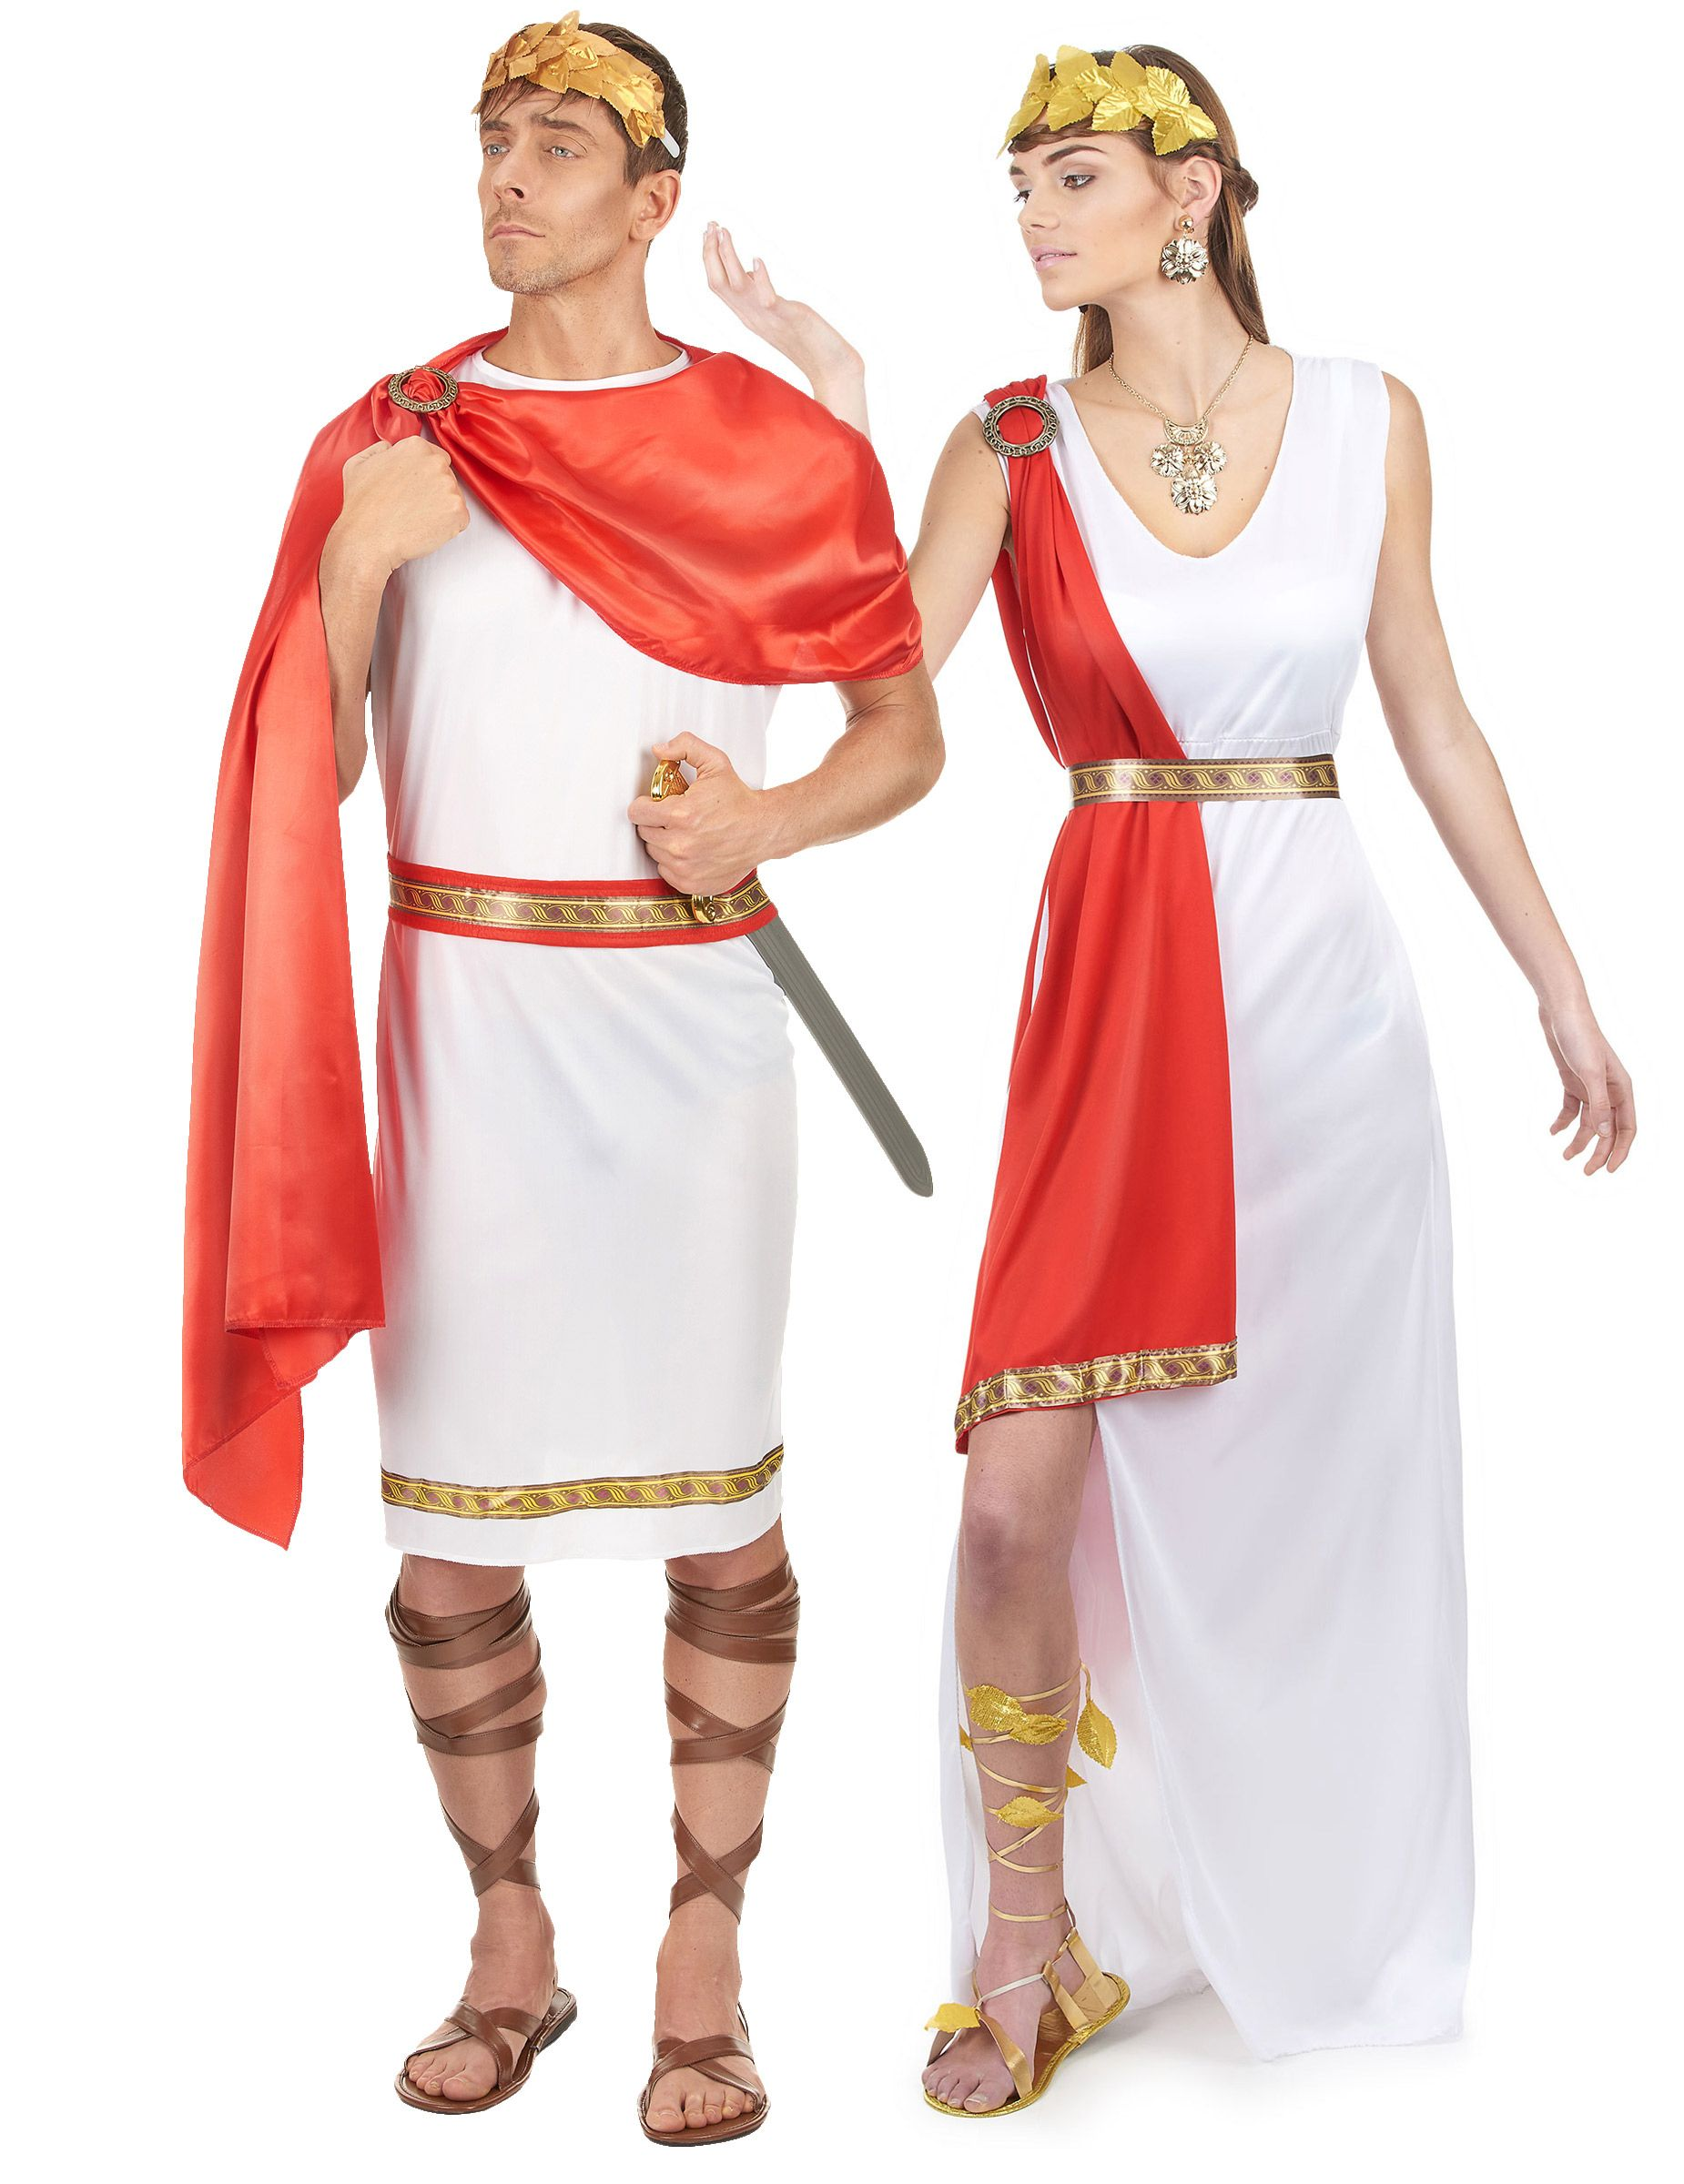 83de1af4bc5d Costume coppia da romano  Costume donna Questo costume da dea romana per  donna si